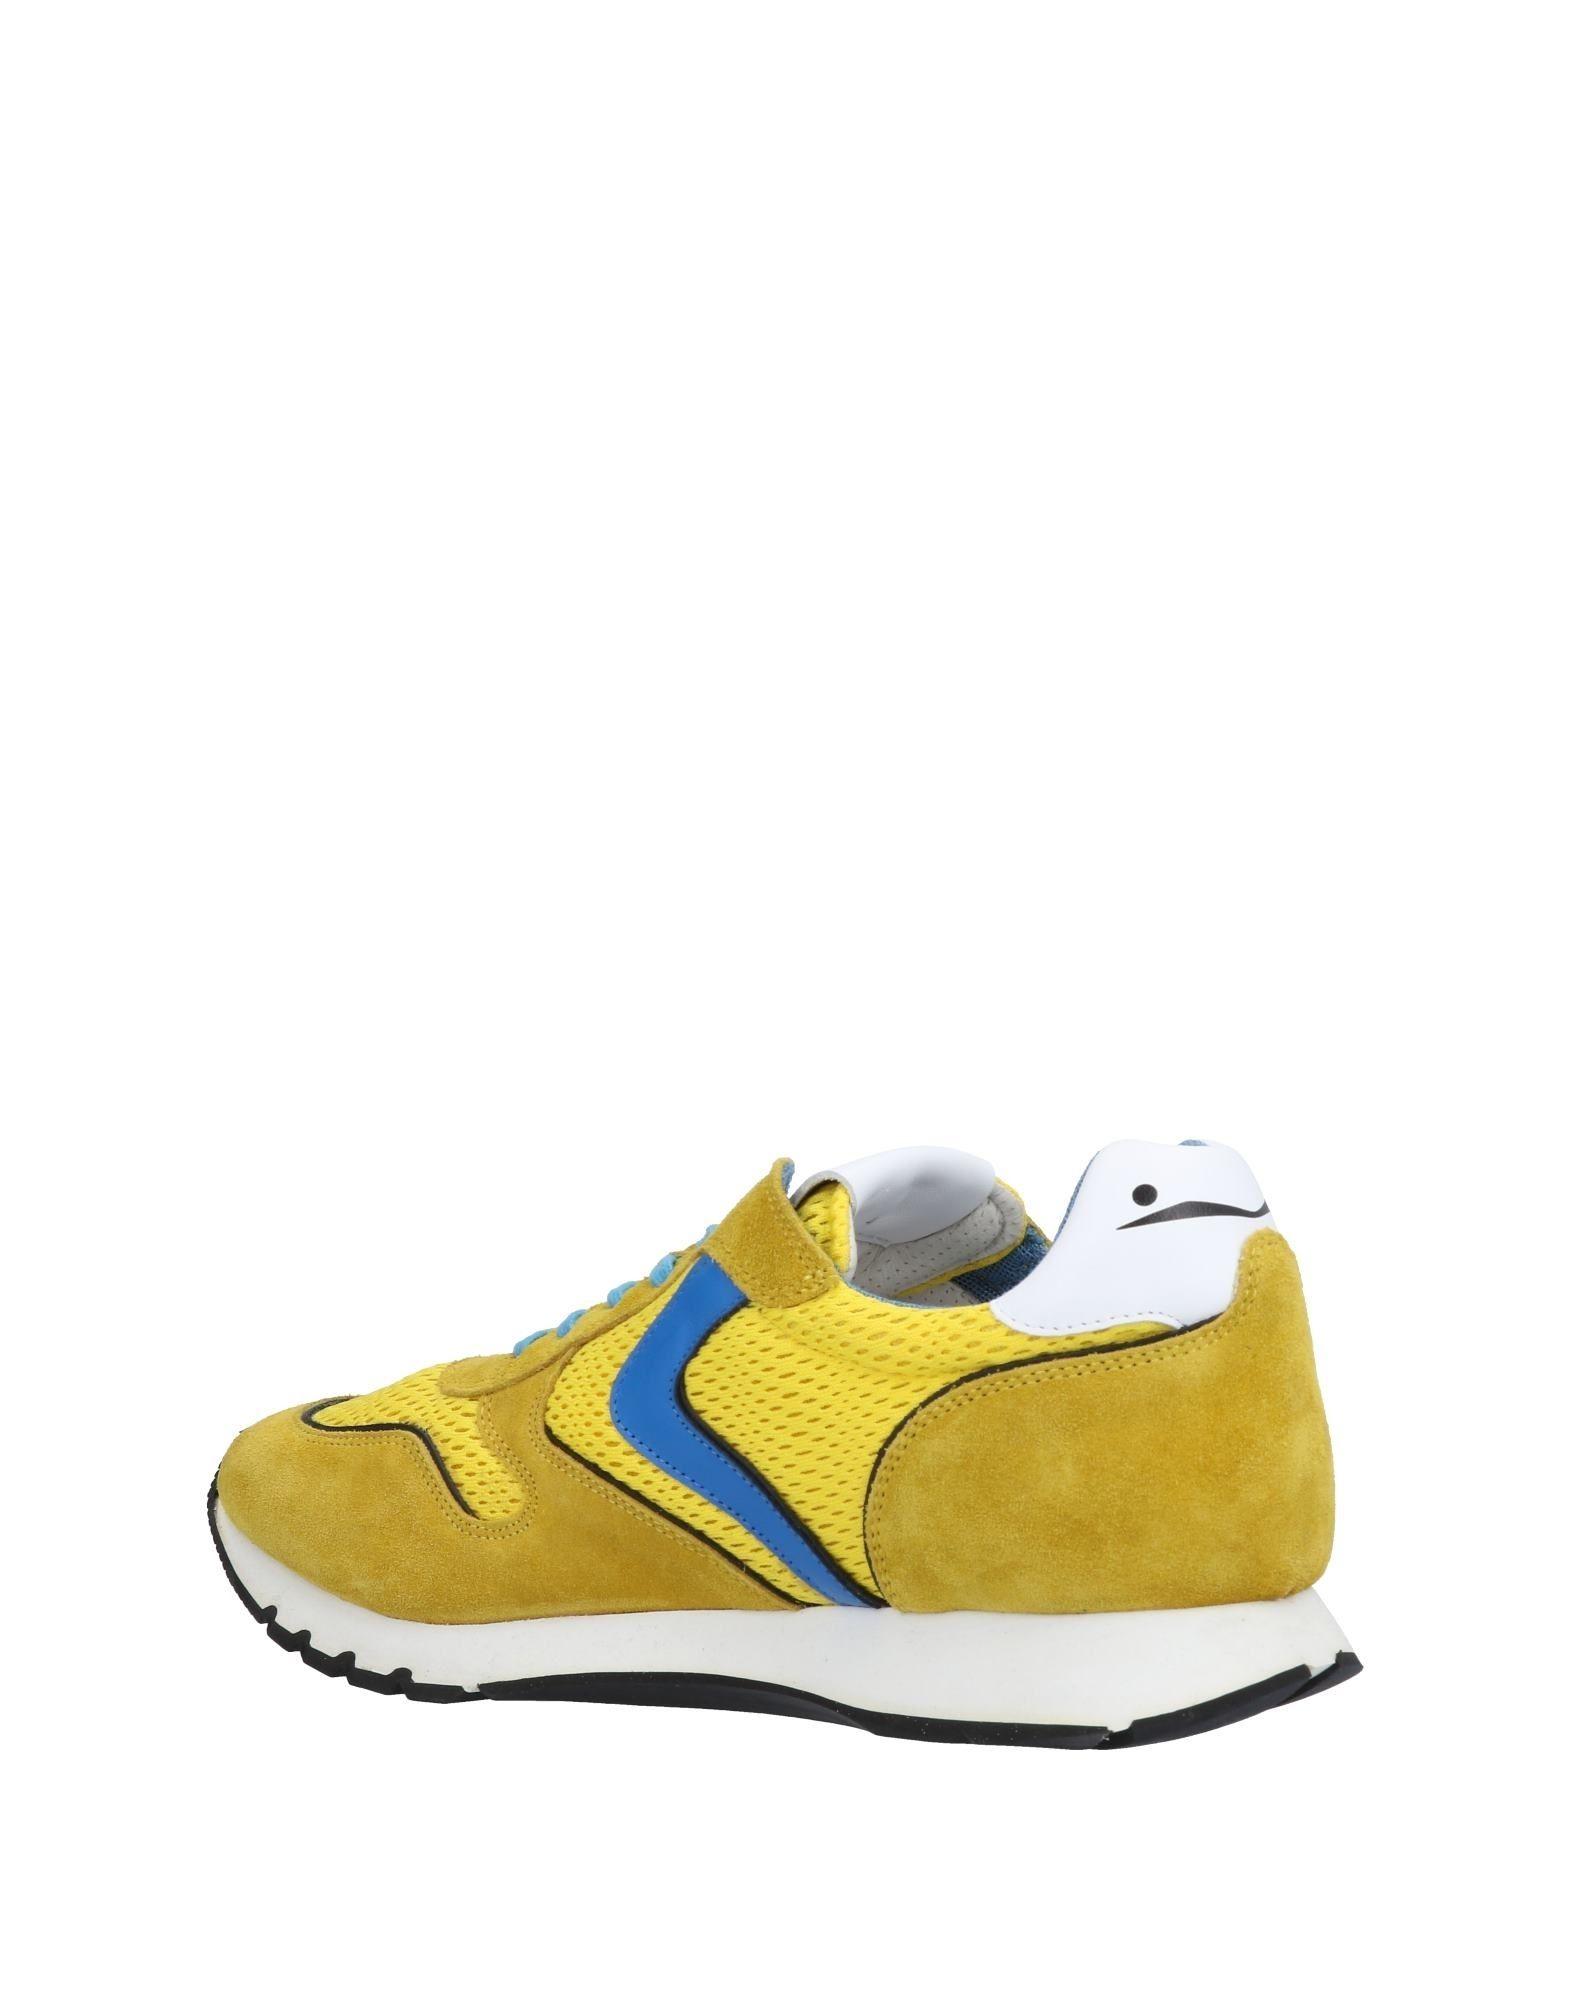 Rabatt Blanche echte Schuhe Voile Blanche Rabatt Sneakers Herren  11499615ML c1f092